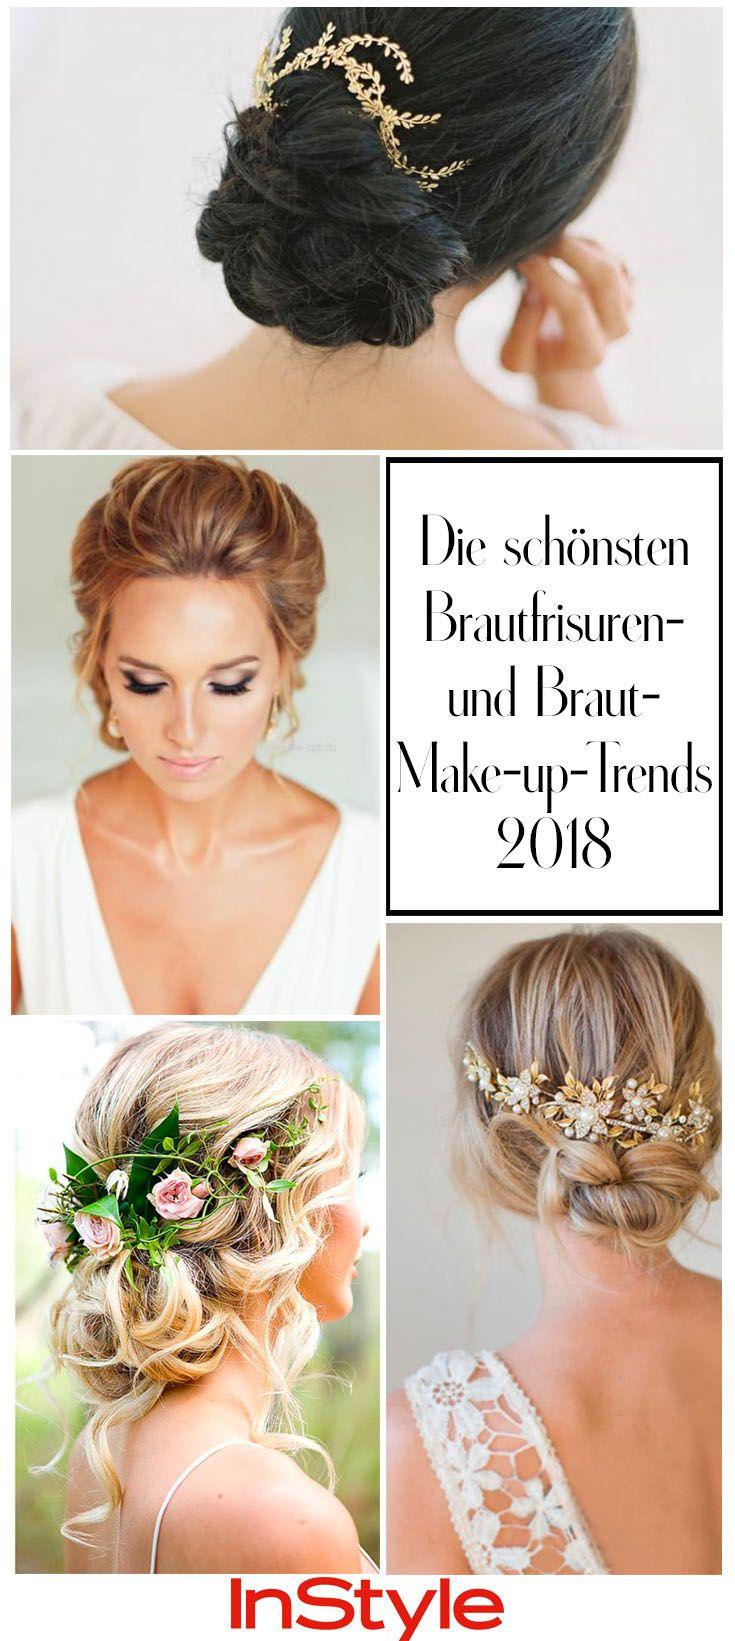 Die schönsten Brautfrisuren- und Braut-Make-up-Trends 2018